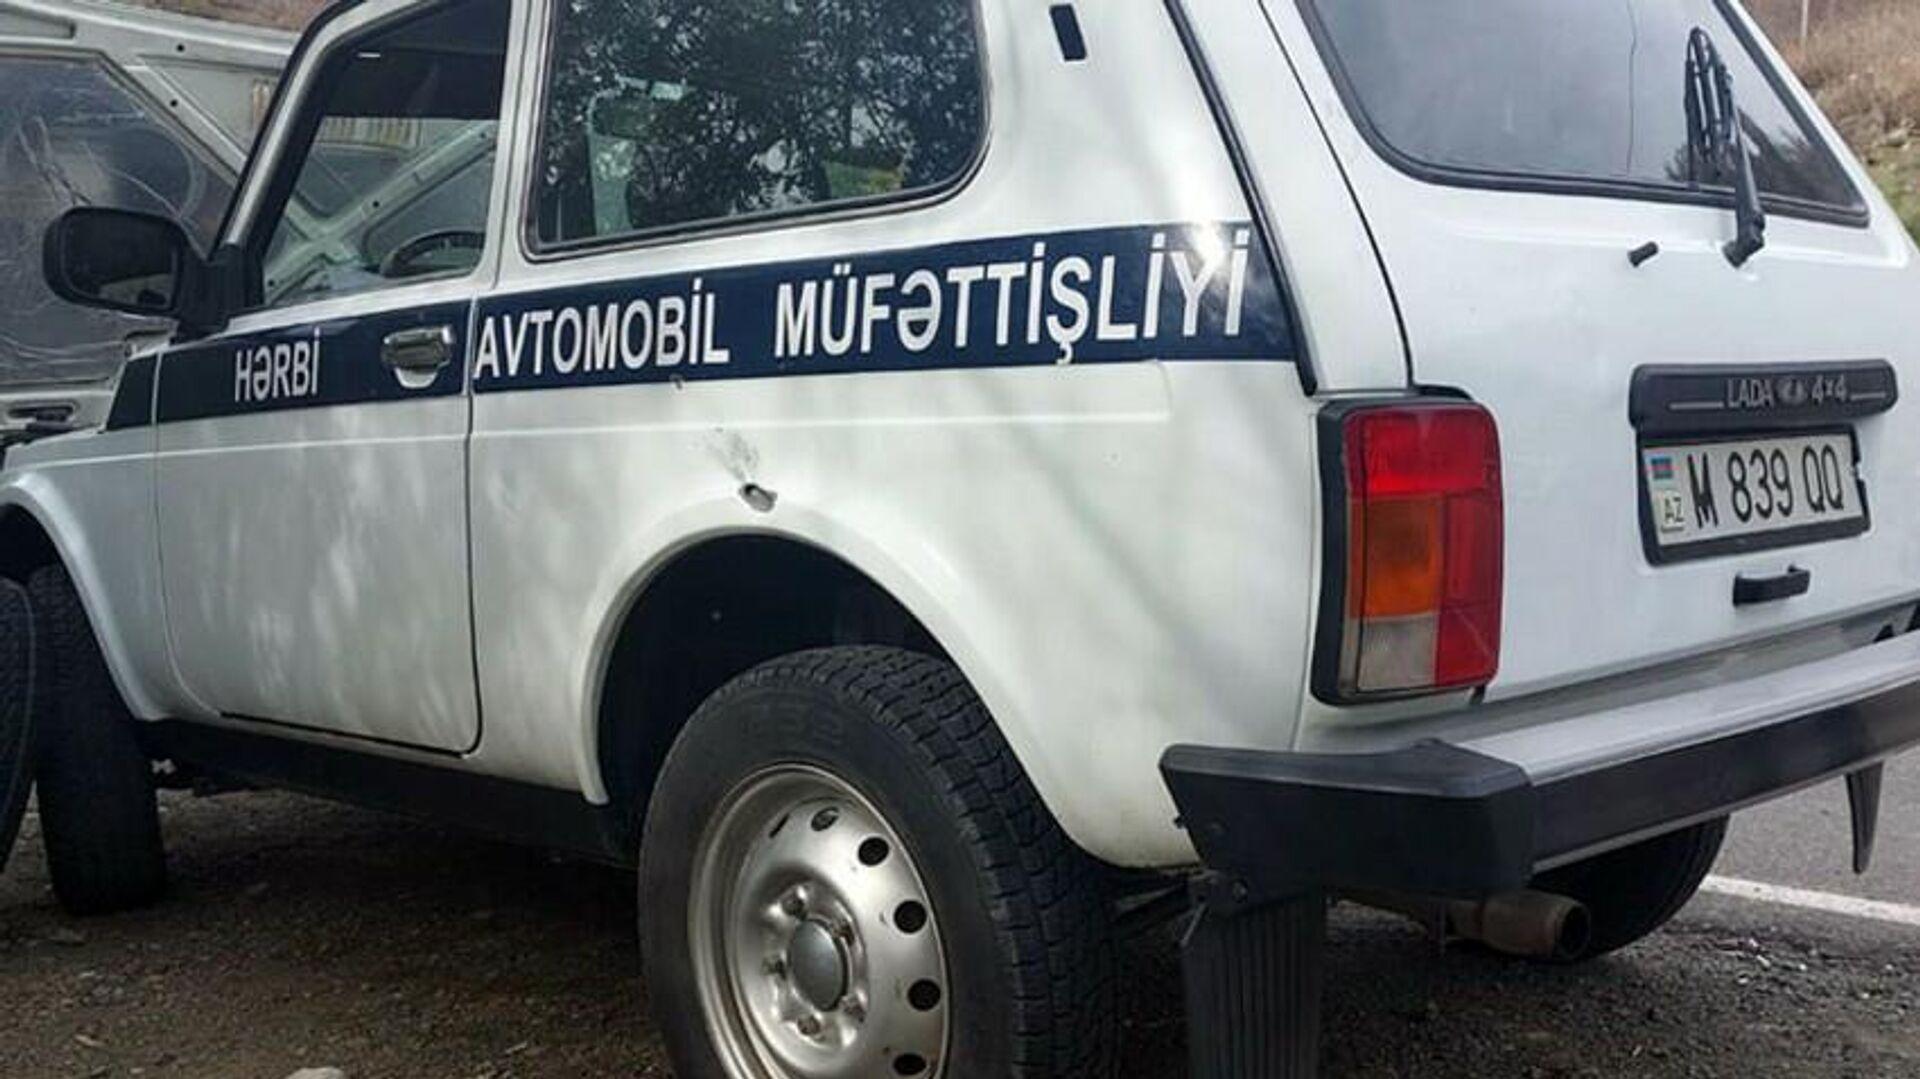 Kəlbəcərdə zədələnmiş avtomobil - Sputnik Azərbaycan, 1920, 13.10.2021